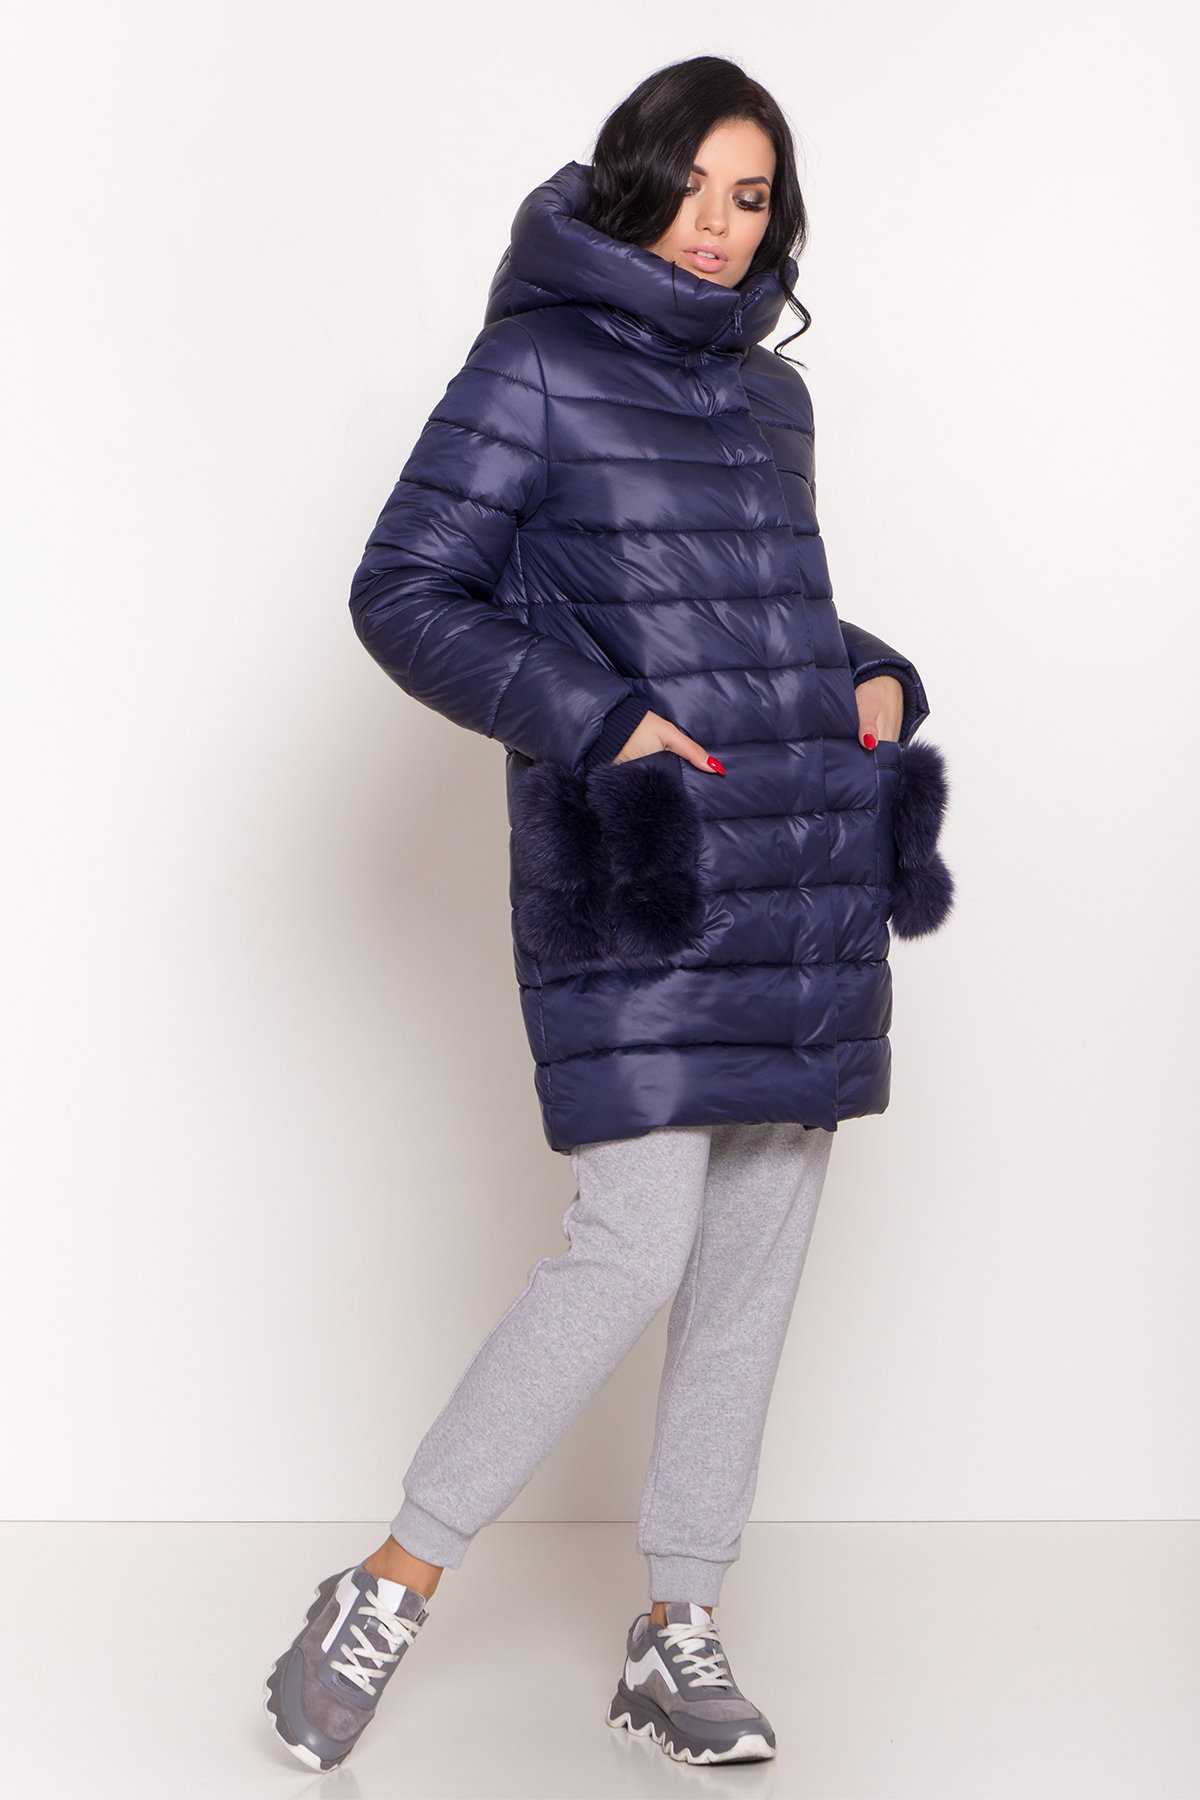 Пуховик прямого кроя с меховыми карманами Лили Лаке 8365 АРТ. 44561 Цвет: т. синий - фото 3, интернет магазин tm-modus.ru